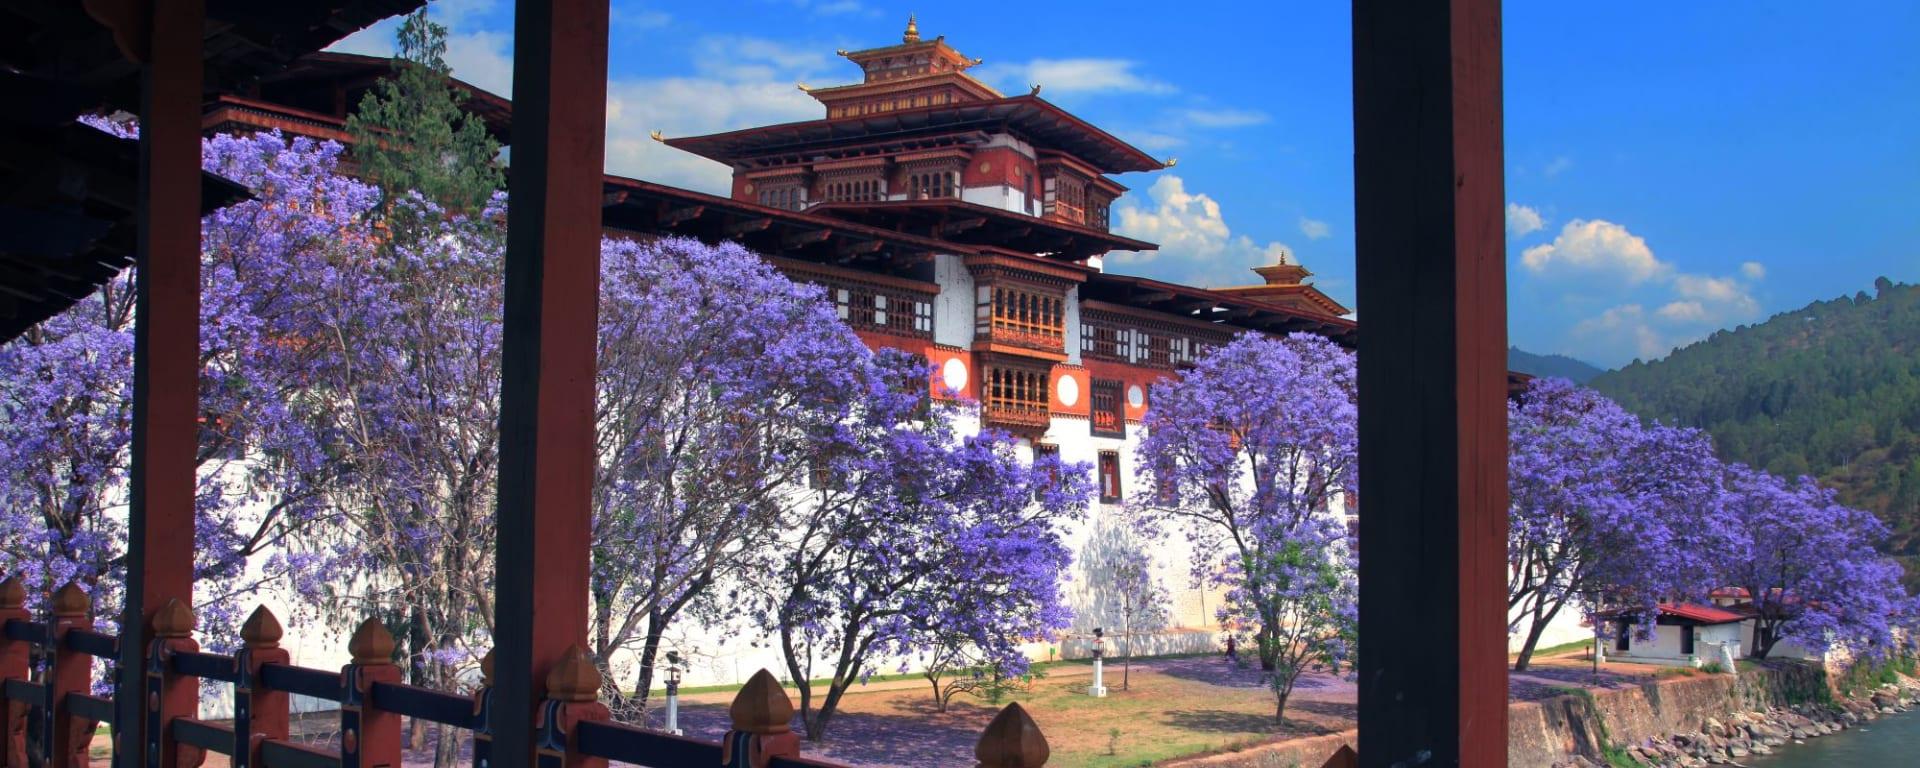 Wissenswertes zu Bhutan Reisen und Ferien: Punakha: Dzong